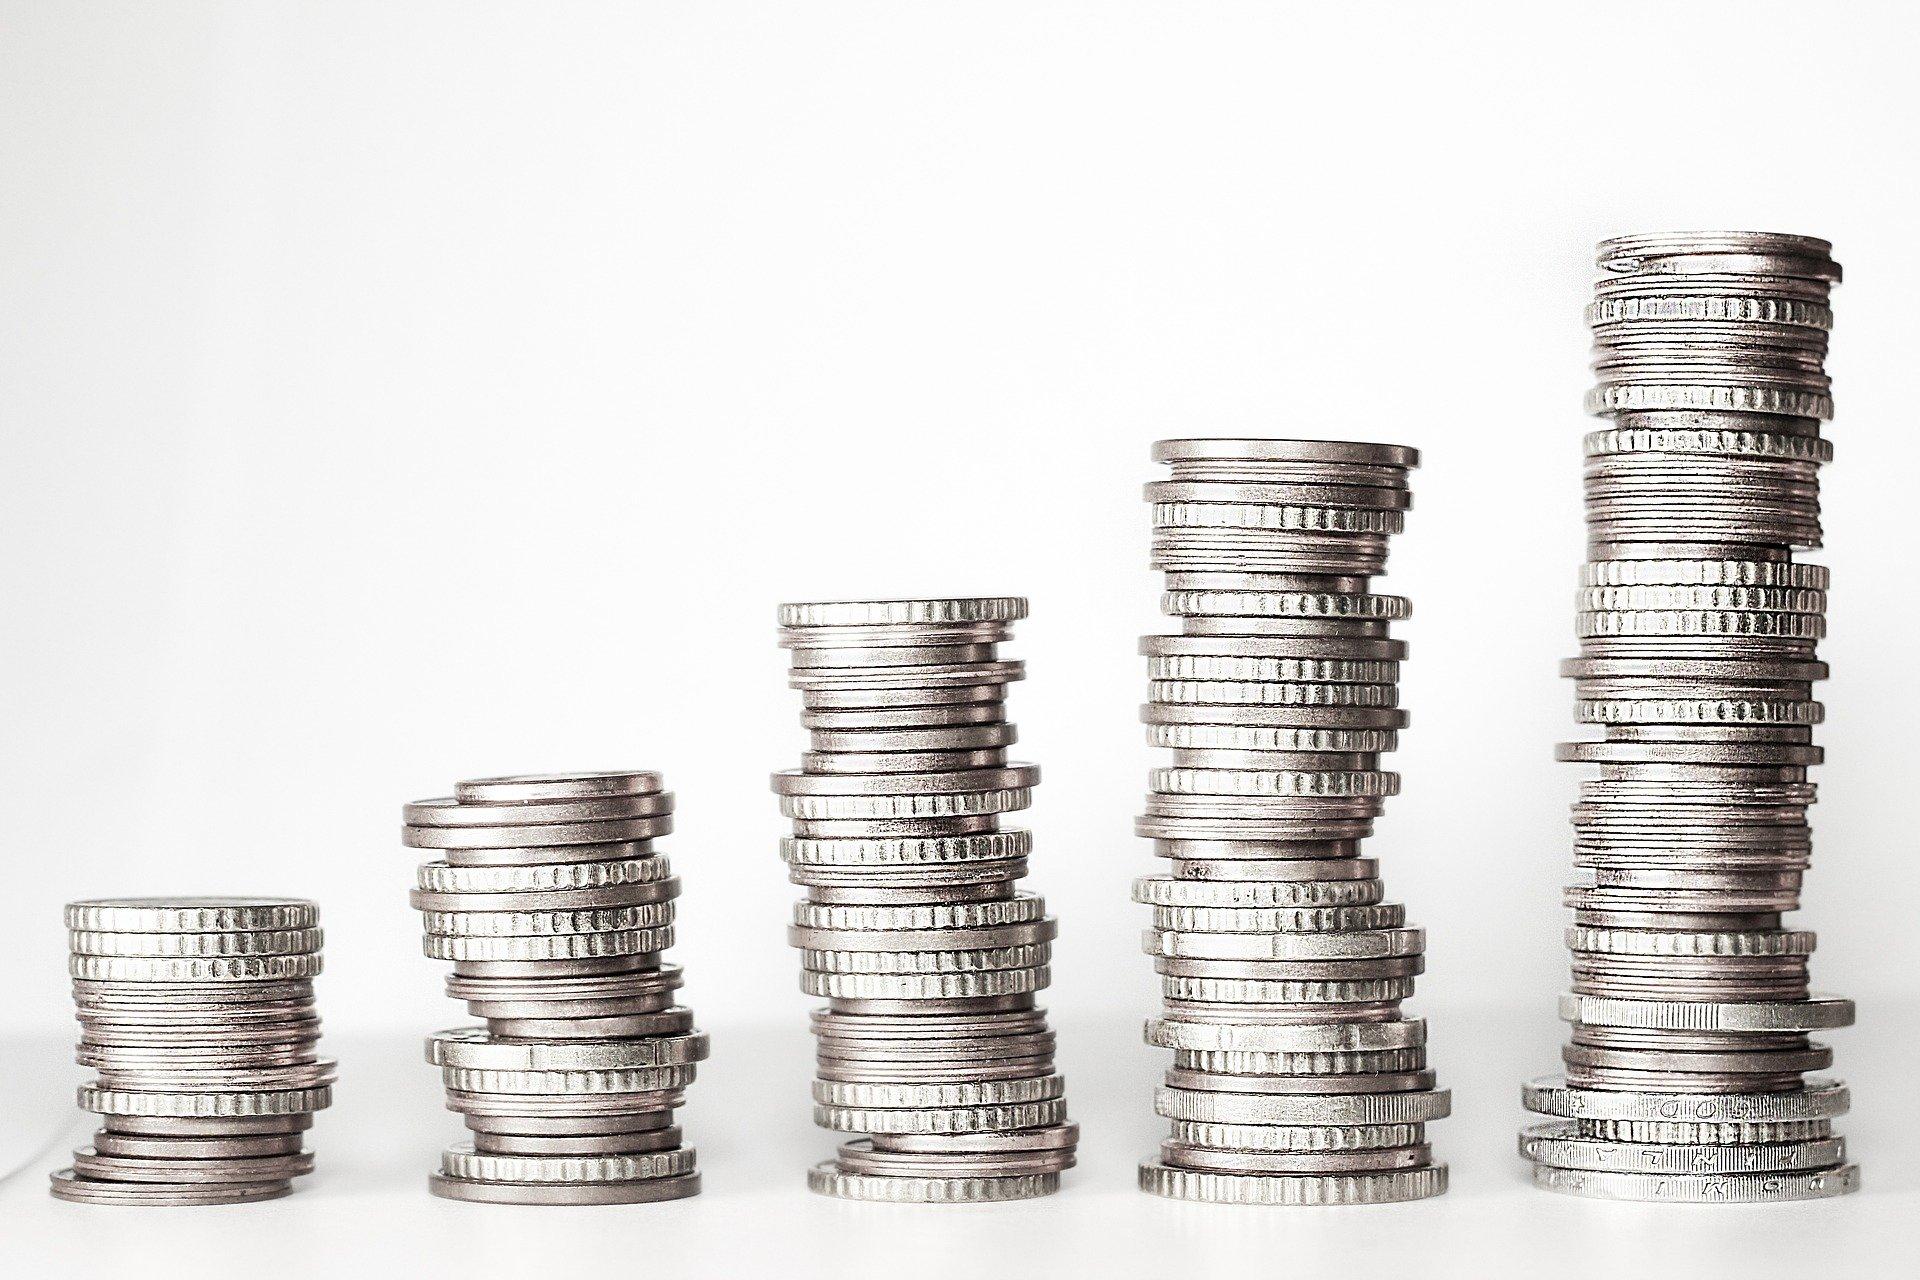 Financiera coloca 210 mdp en créditos en México